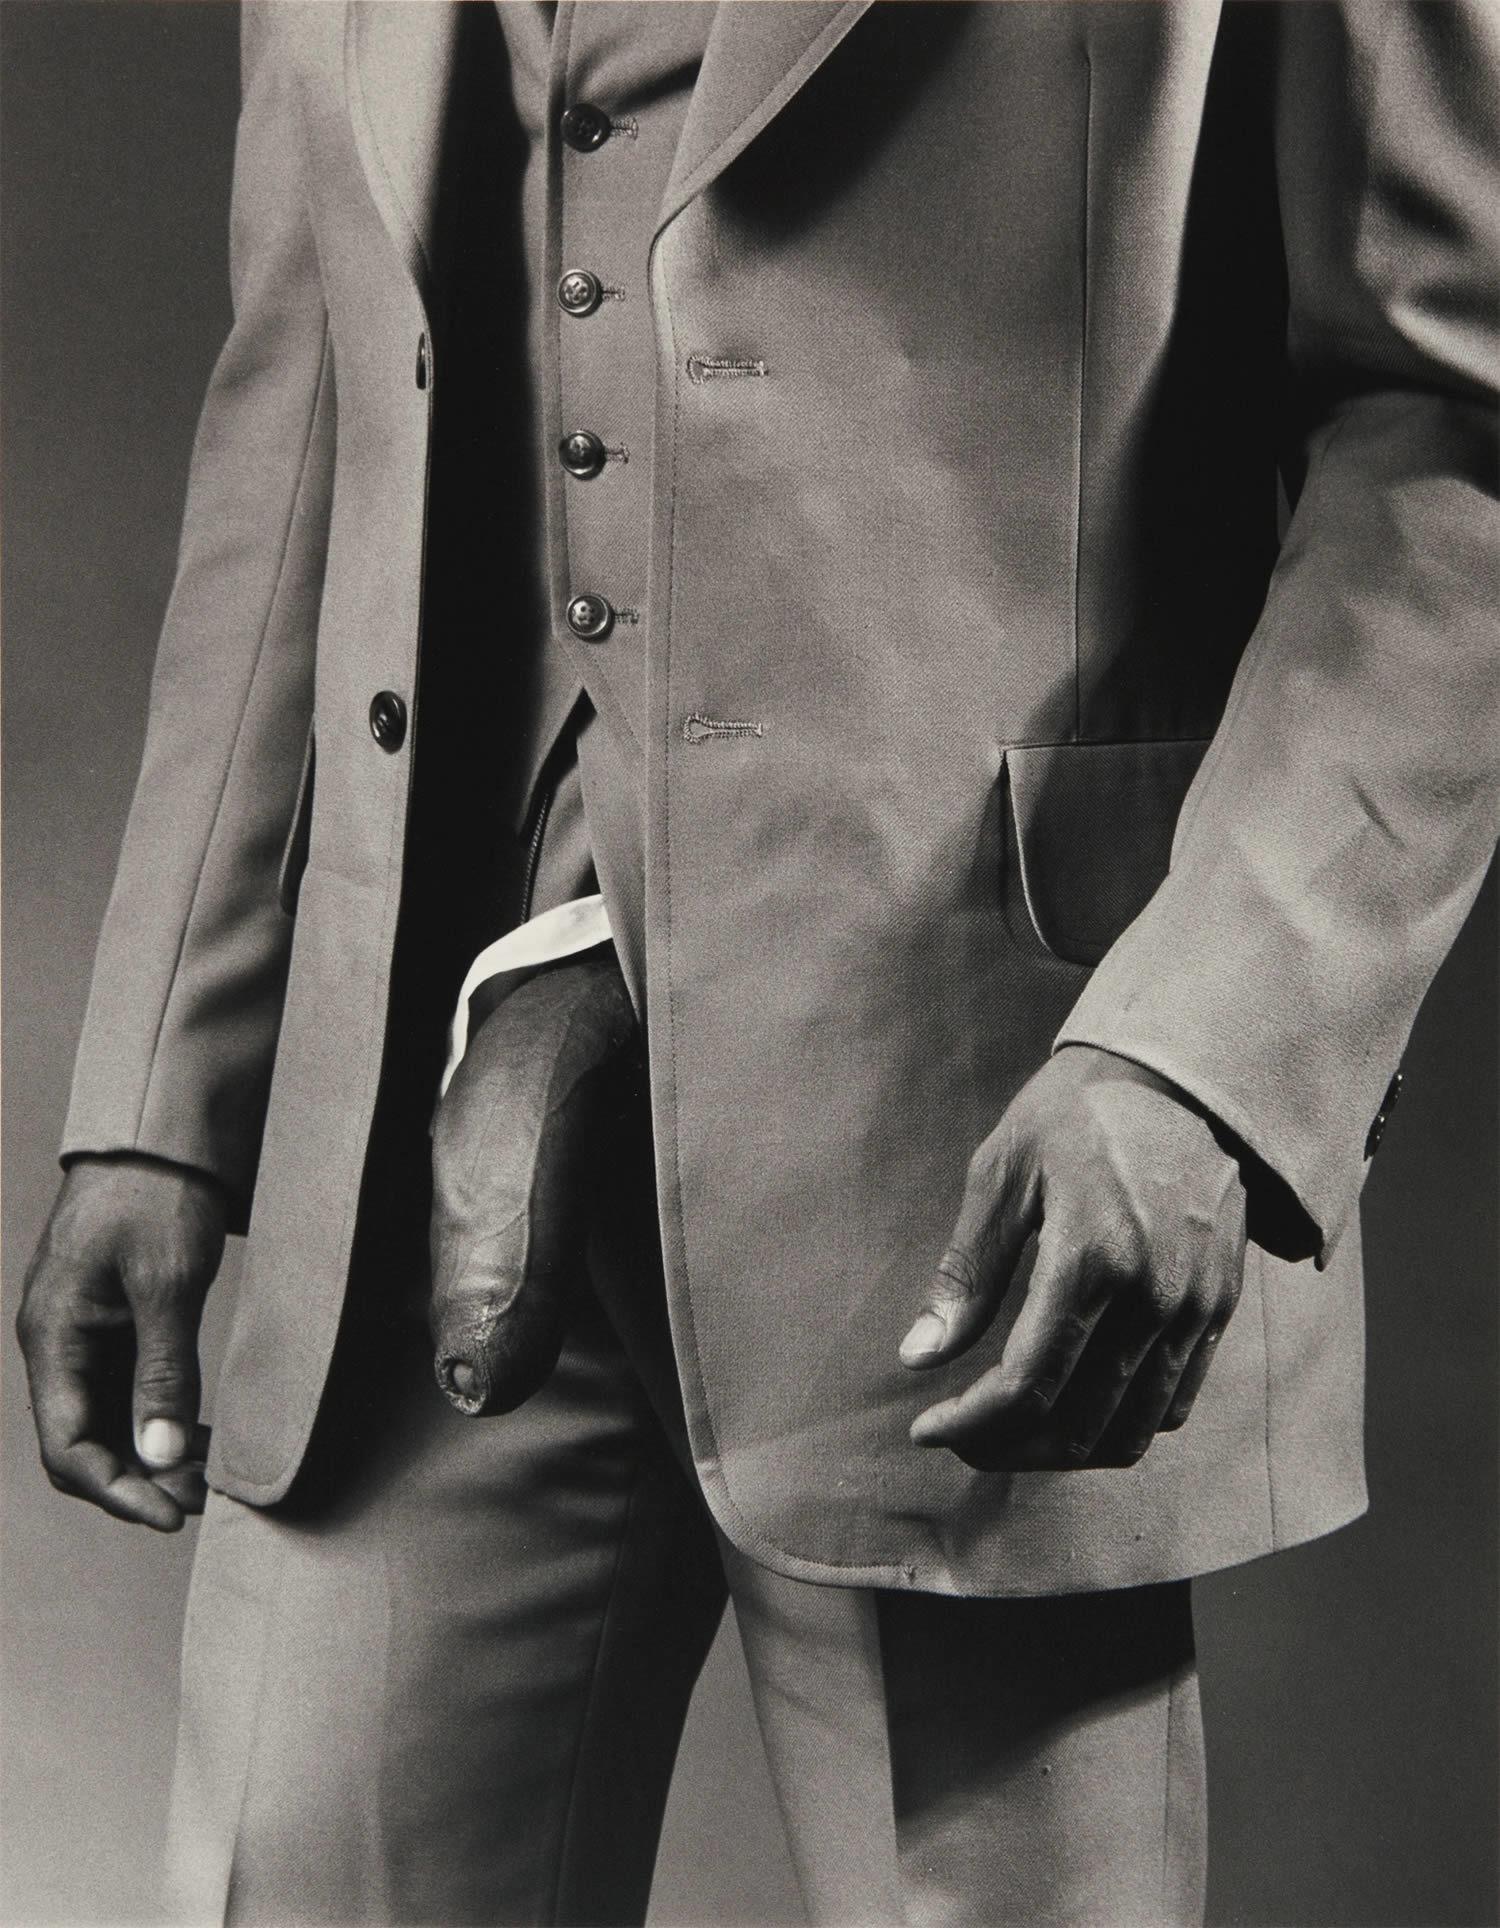 Man in Polyester Suit av Robert Mapplethorpe platsar helt klart på listan. Se vilka de andra verken är.